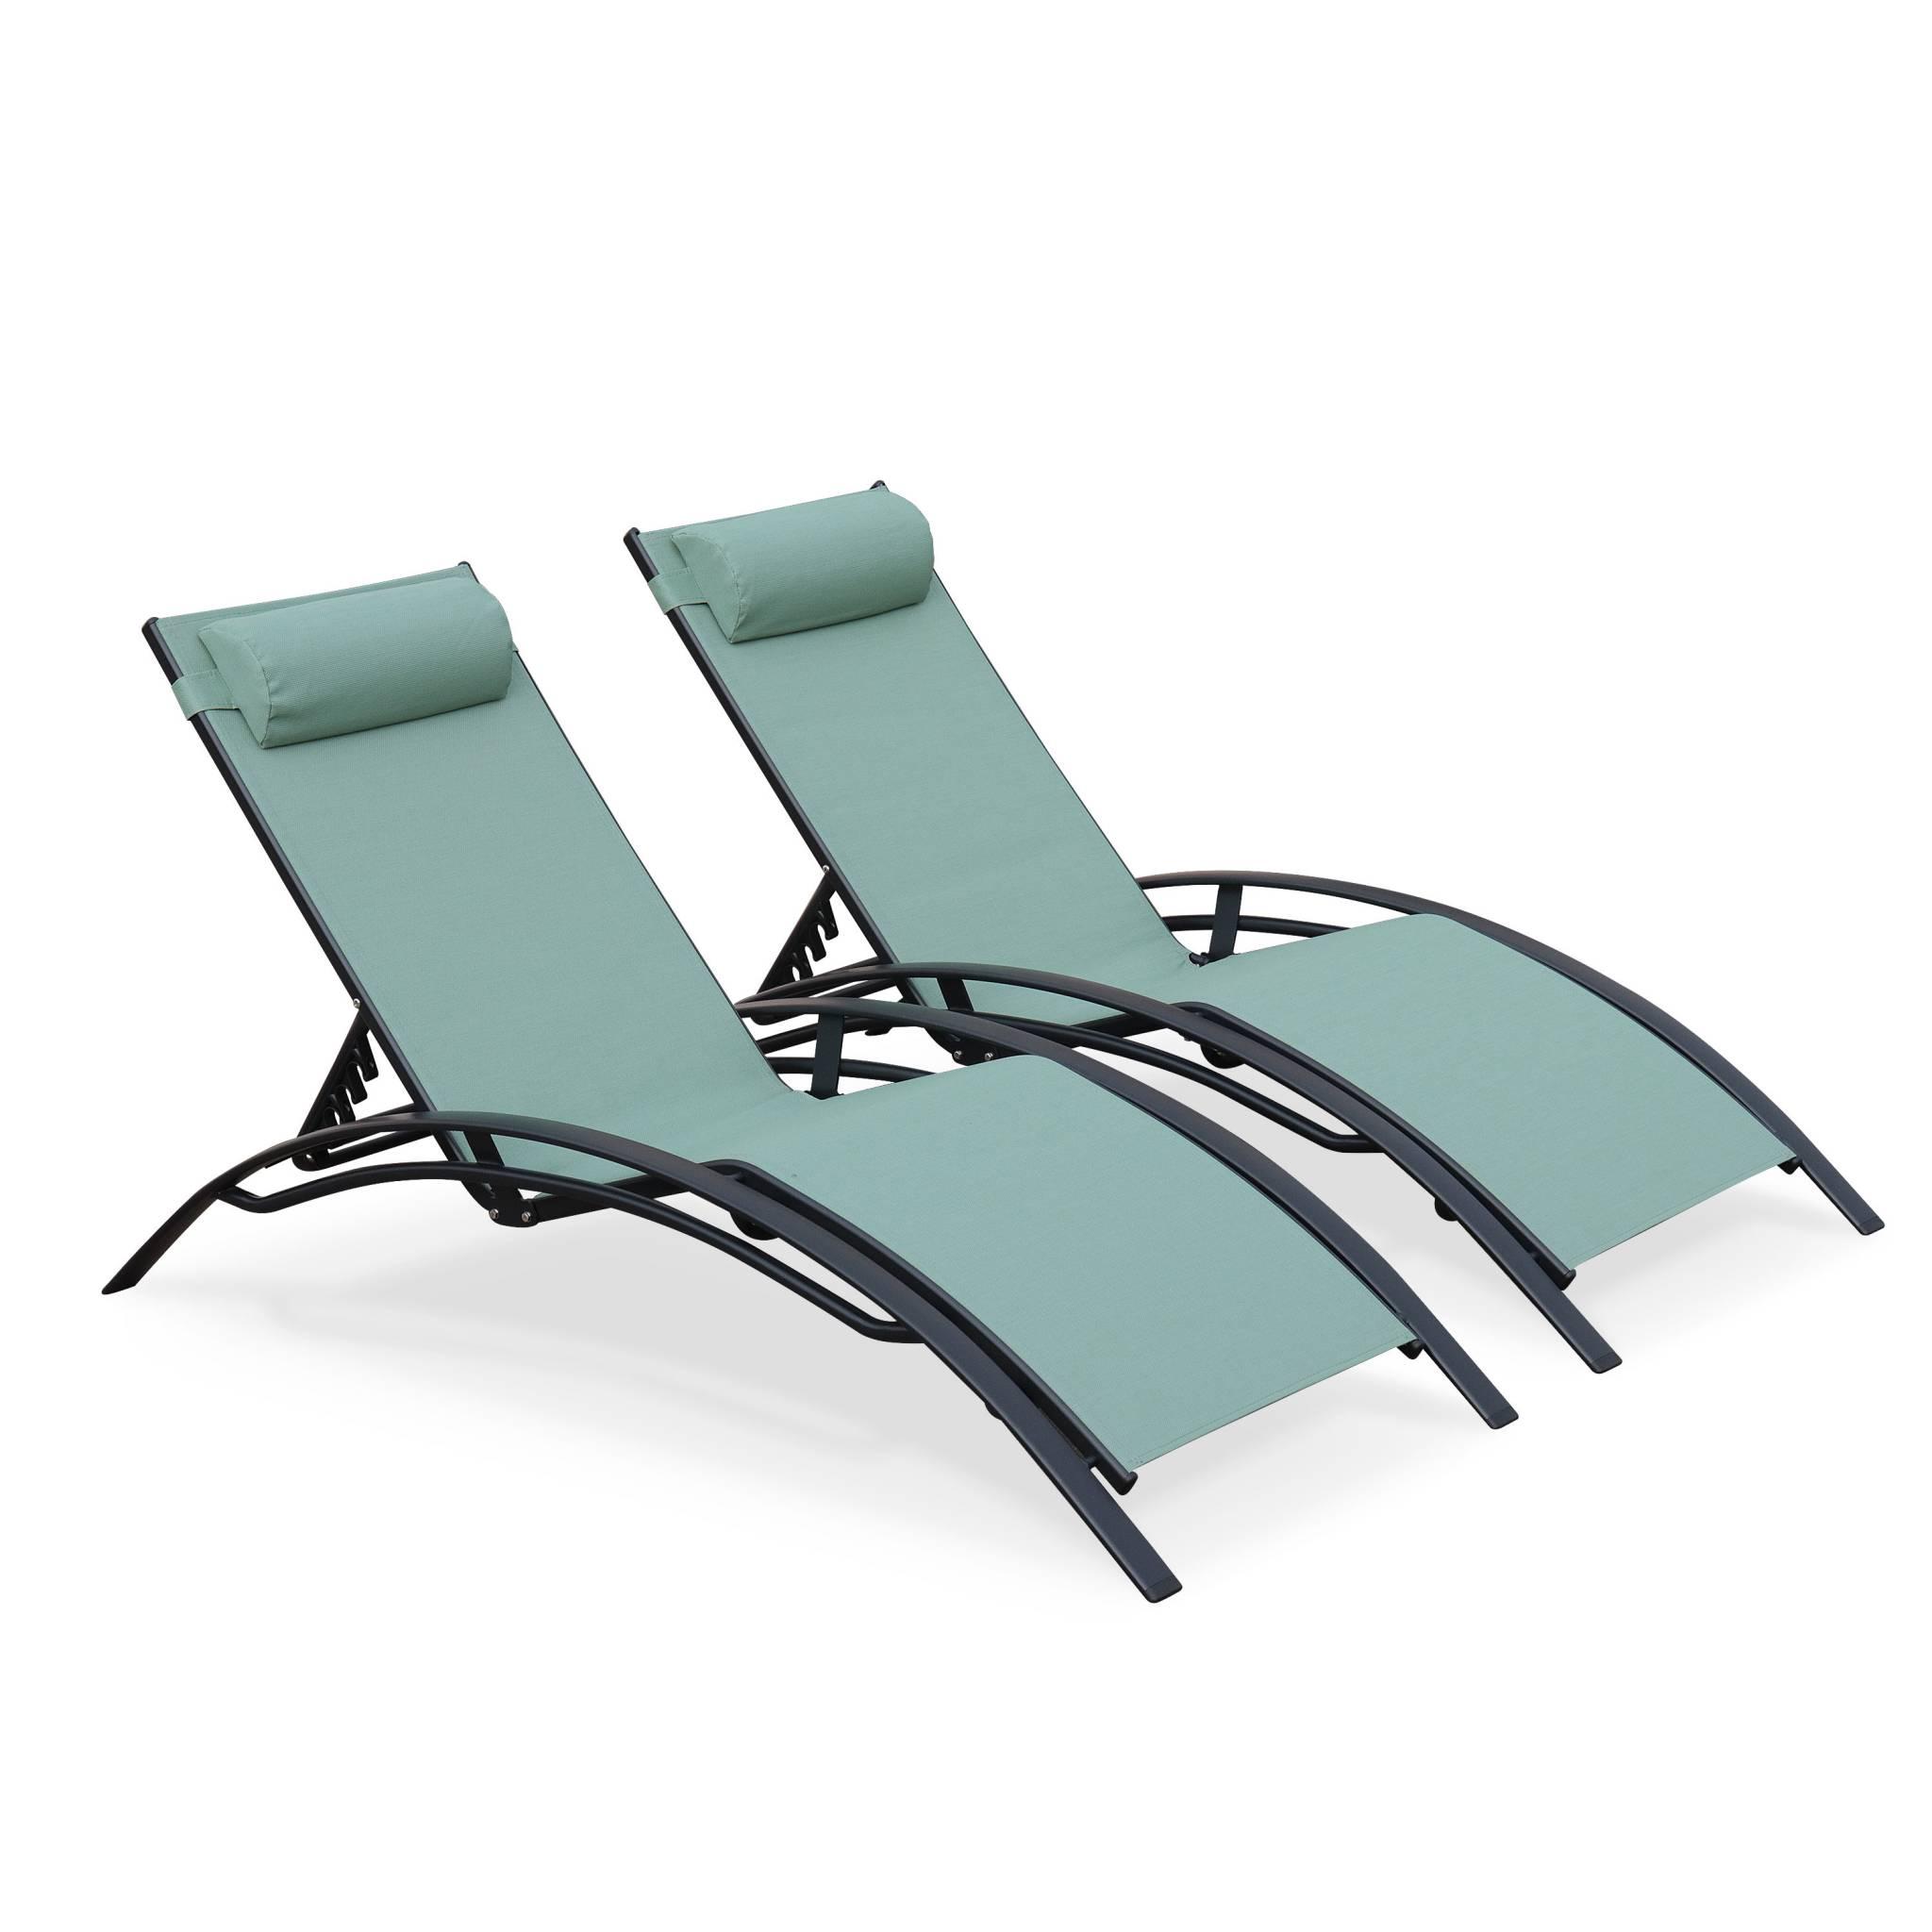 Lot de 2 bains de soleil en aluminium et textilène vert gris